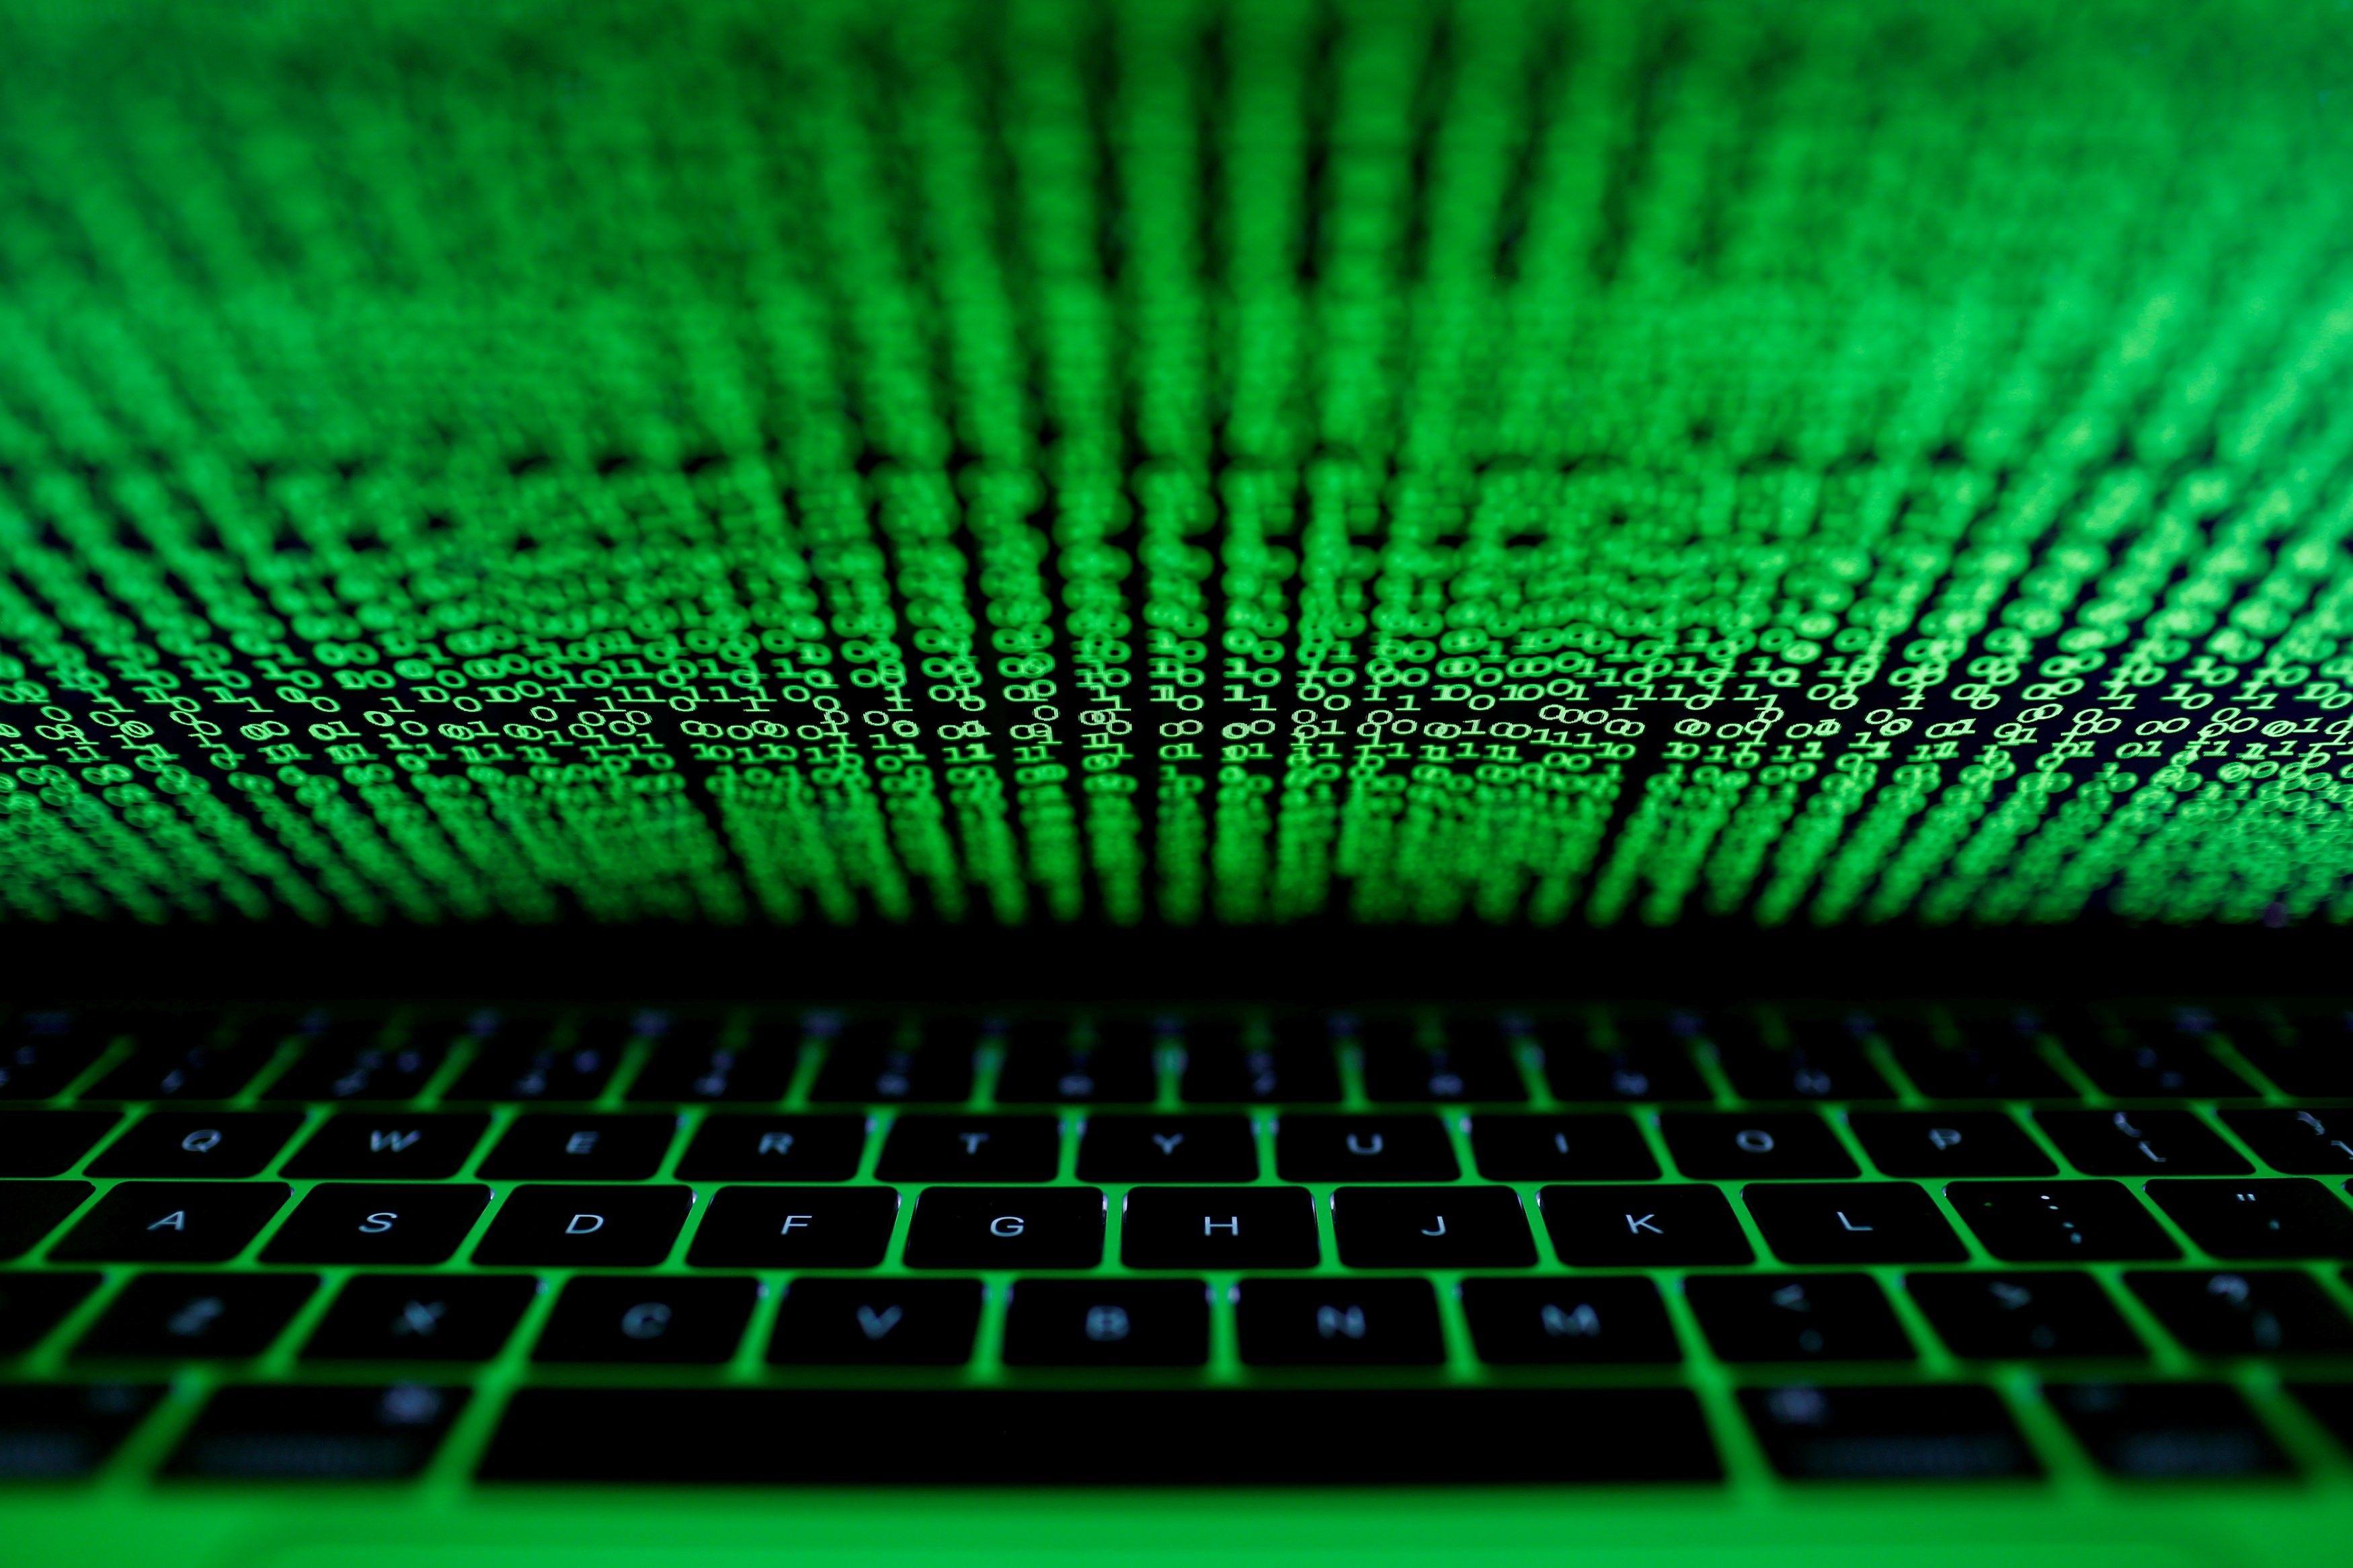 кібербезпека, хакери, інтернет, Мережа